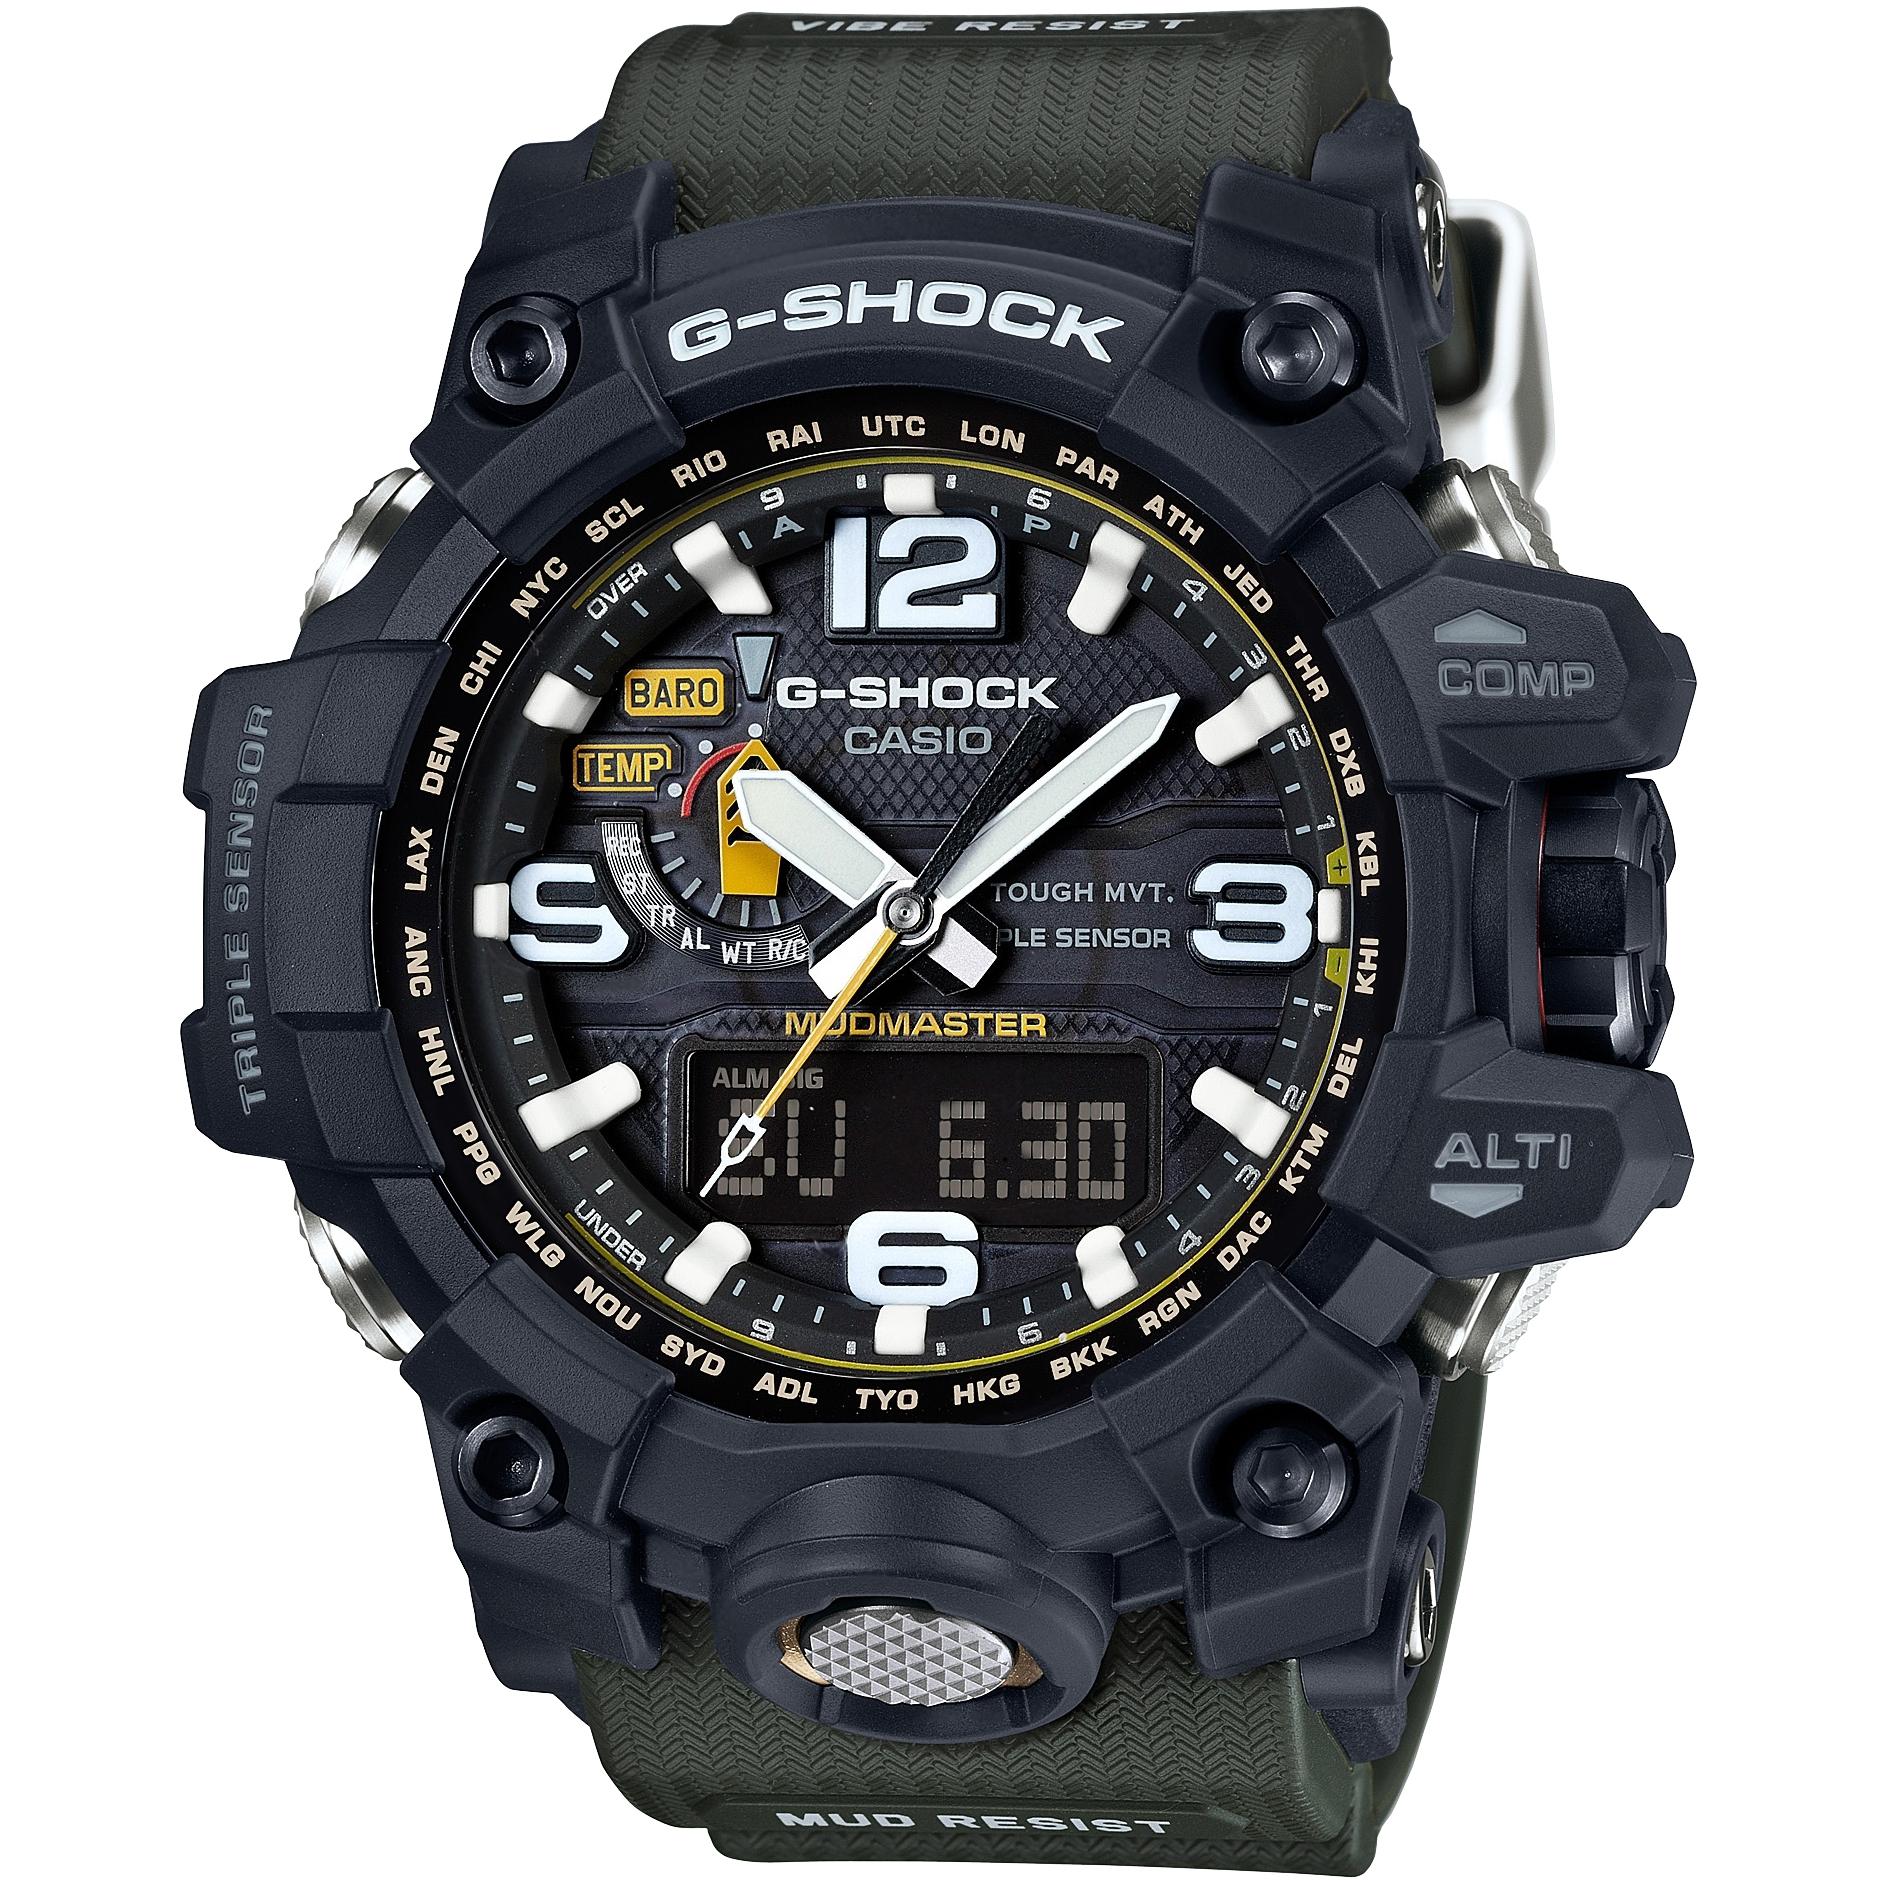 7399b8310 Gents Casio G-Shock Premium Mudmaster Compass Alarm Chronograph Watch  (GWG-1000-1A3ER)   WatchShop.com™